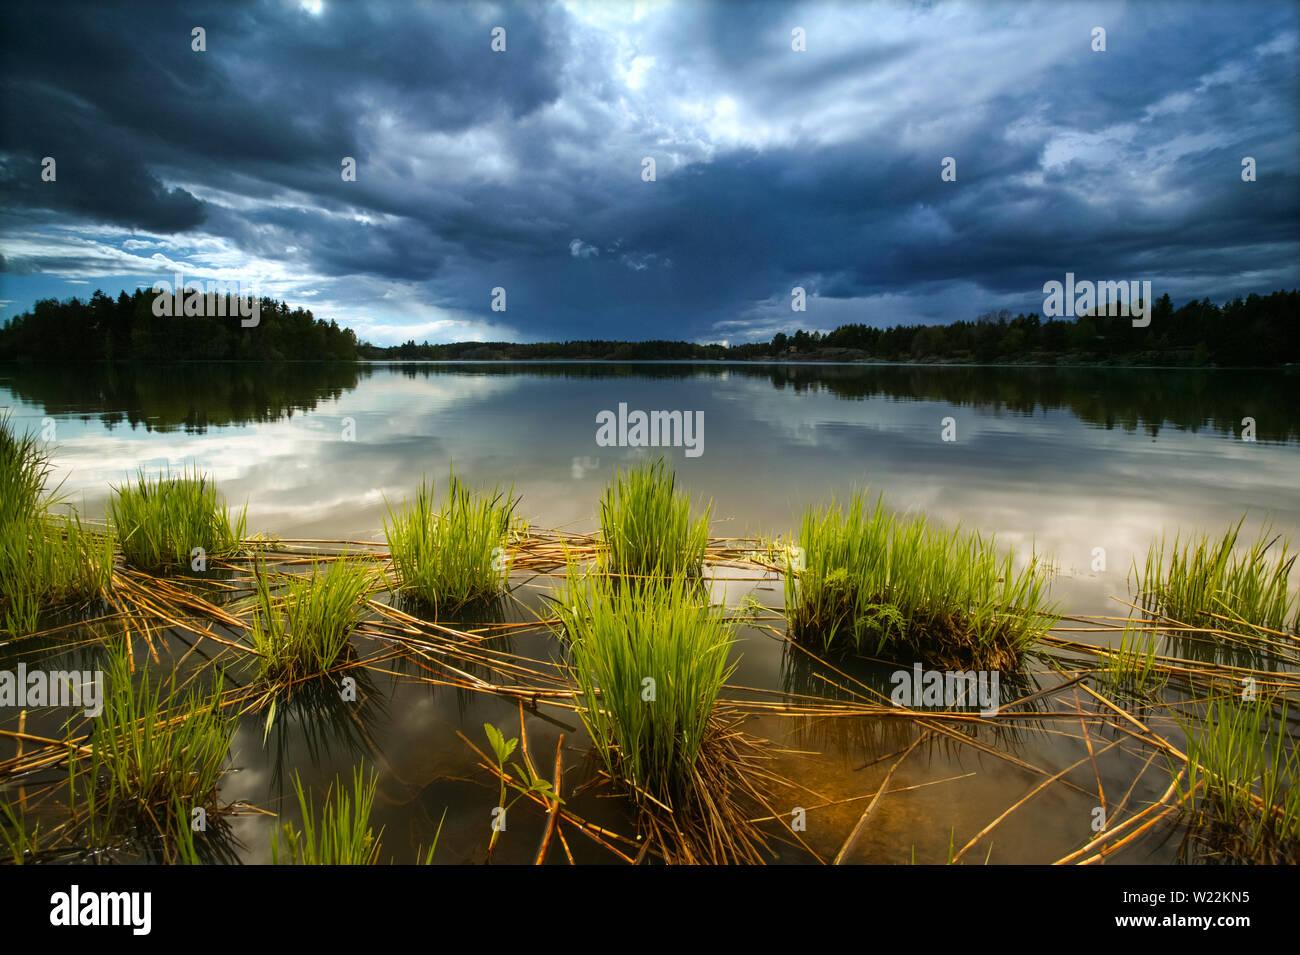 Acercándose a la tormenta en el lago Vansjø Halvorsrød en Østfold, Noruega. Vansjø es el lago más grande de Østfold, y el lago con sus alrededores lagos y ríos que conforman el sistema de abastecimiento de agua denominado Morsavassdraget. Mayo, 2007. Foto de stock